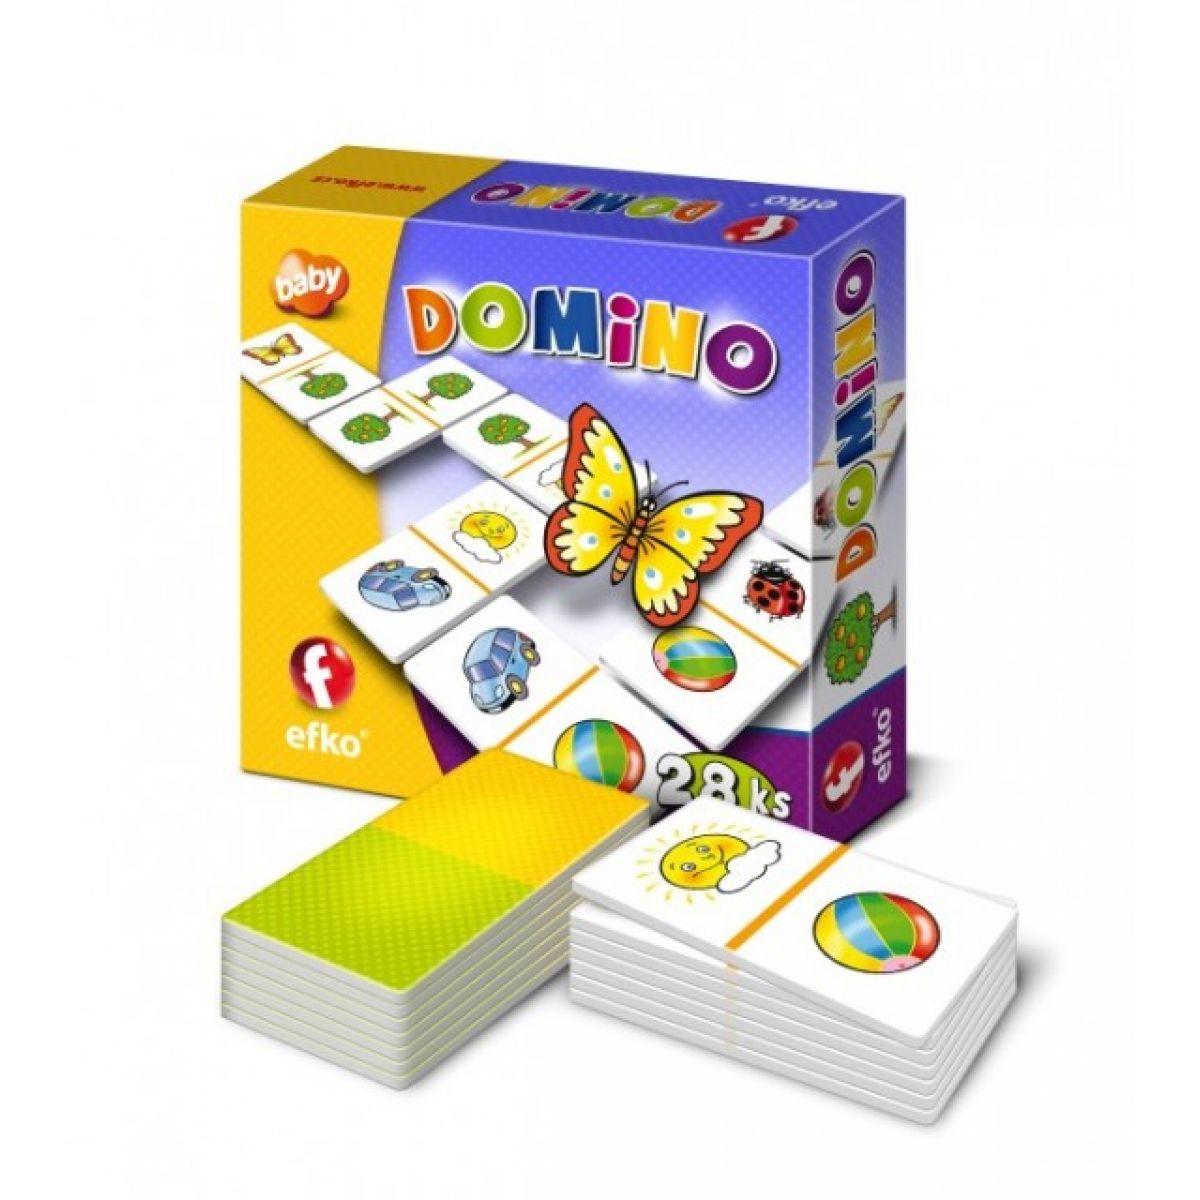 Efko Domino baby